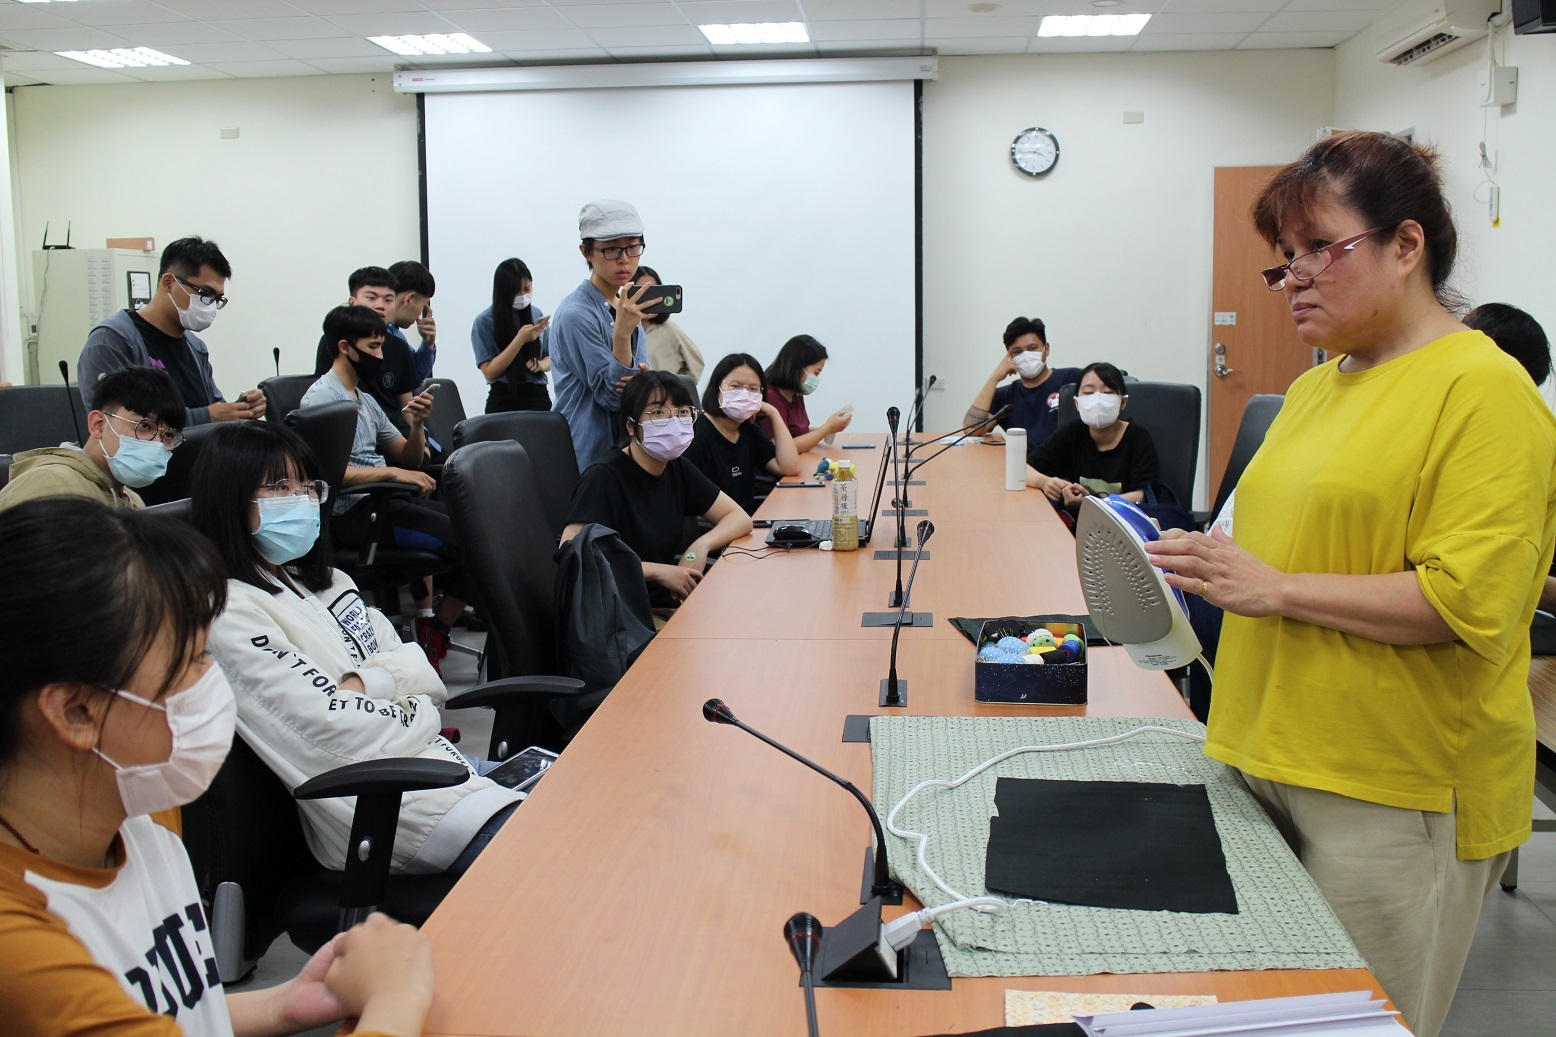 講師吳億樺(右方手持熨斗者)向同學說明熨燙布口罩套摺痕步驟